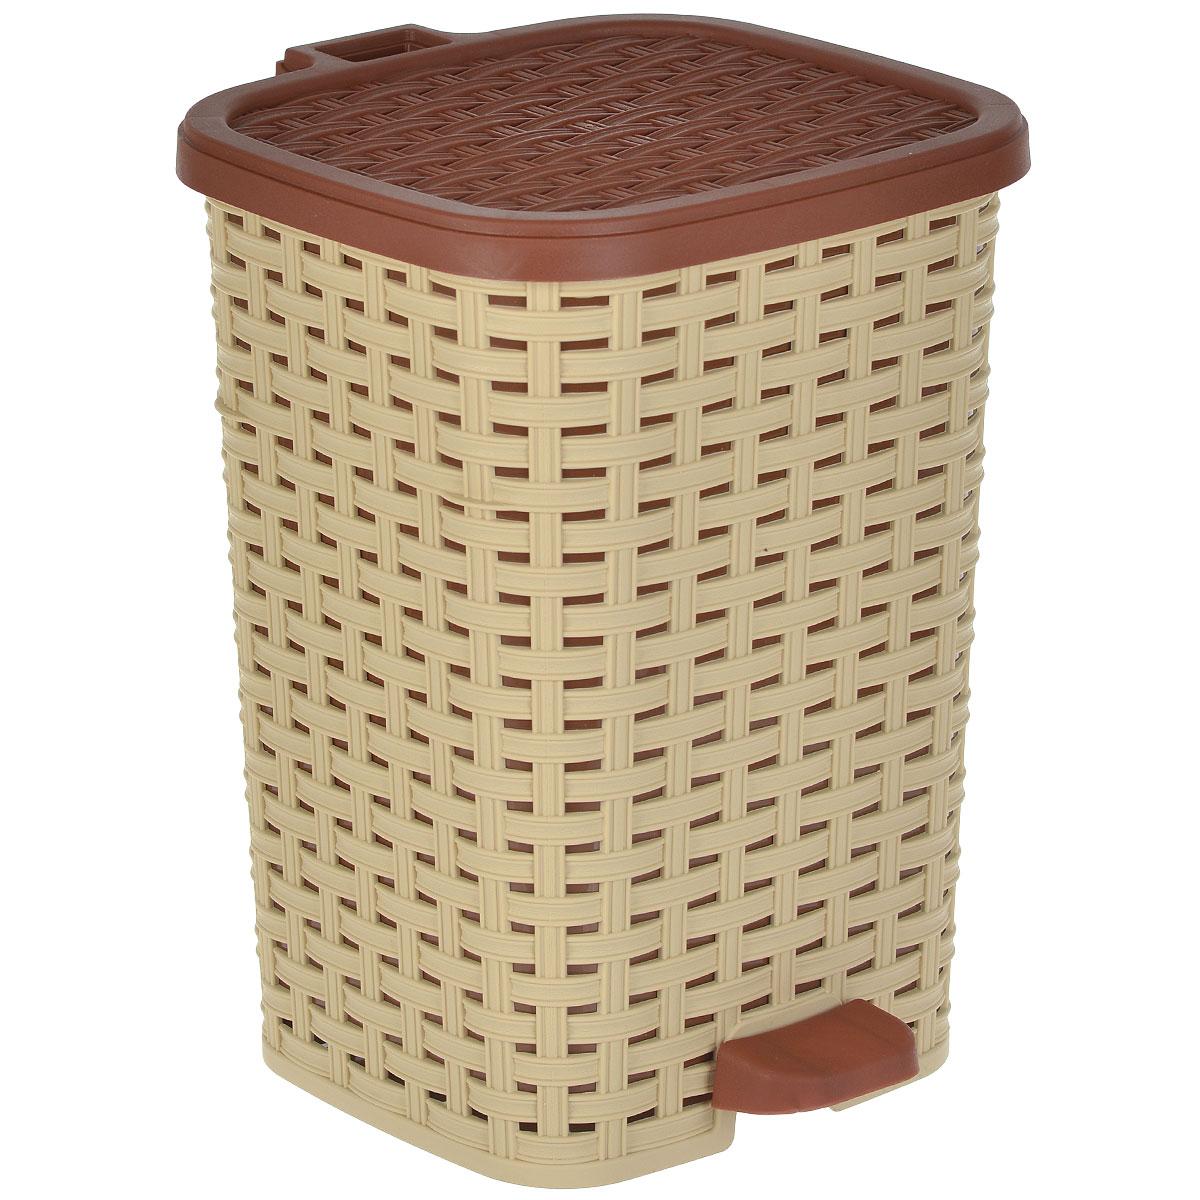 Ведро для мусора Dunya Plastik Раттан, с педалью, цвет: бежевый, коричневый, 12 л1053_бежевый-коричневыйВедро для мусора Dunya Plastik Раттан, выполненное из прочного пластика, обеспечит долгий срок службы и легкую чистку. Ведро поможет вам держать мелкий мусор в порядке и предотвратит распространение неприятного запаха. Откидная пластиковая крышка открывается и закрывается при помощи педали. Изделие выполнено в виде плетеной корзины с пластиковой вынимающейся емкостью для мусора внутри. Размер ведра (по верхнему краю): 24 см х 22 см. Высота (без учета крышки): 33 см. Высота (с учетом крышки): 34,5 см.